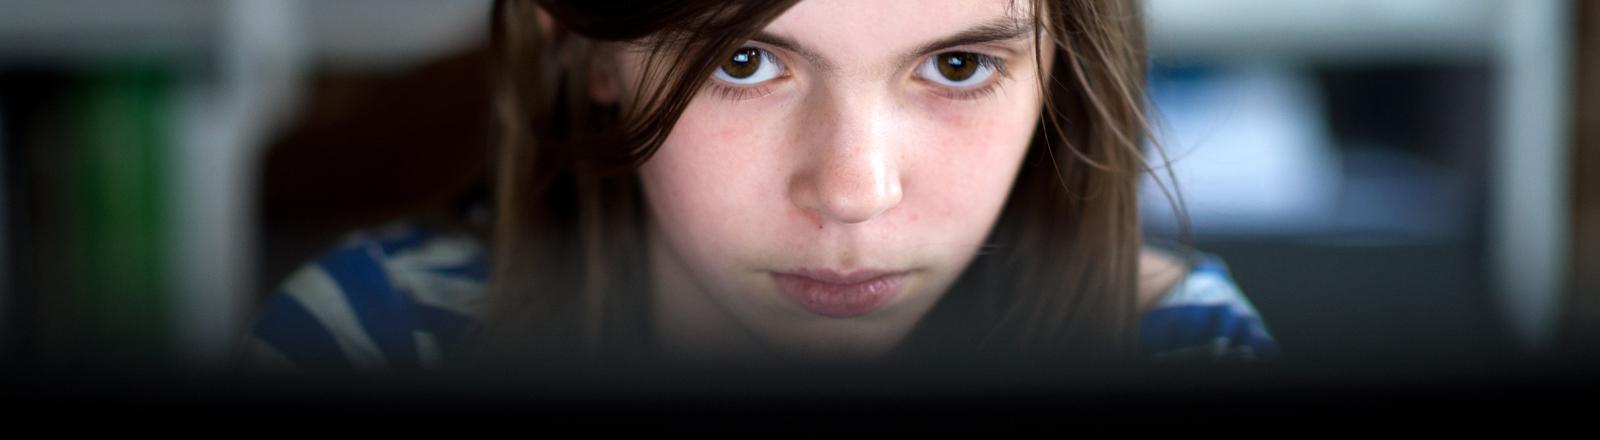 Die 12-jährige Lotta sitzt am 31.03.2014 in Berlin vor einen Computer und surft im Internet.